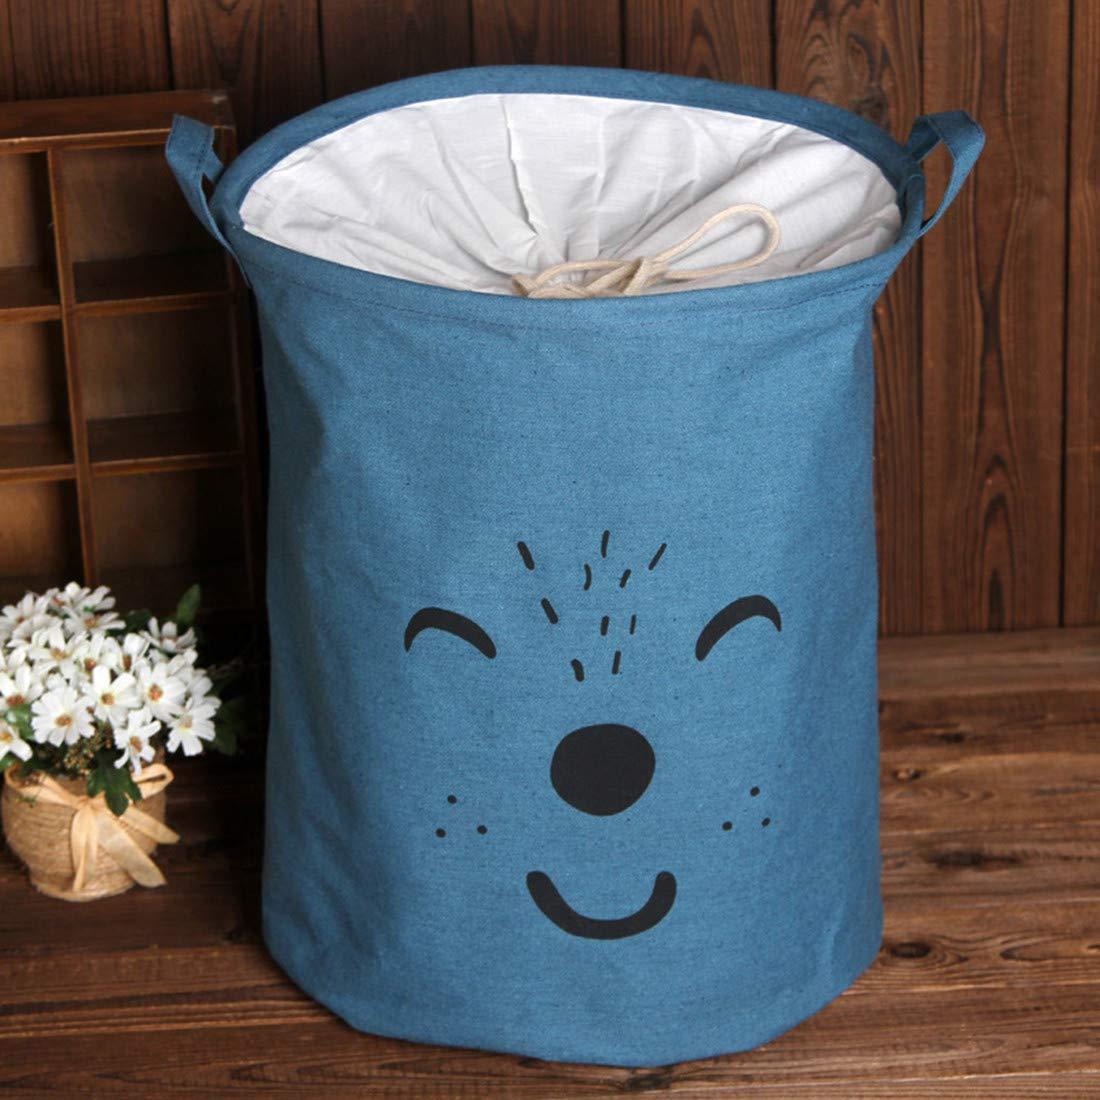 JMAHM Schmutzige Wäschetasche Beam Port Faltender Wäschekorb Wäschehaken Schmutziger Korb Kann Versiegelt Werden (Smiley Blau)